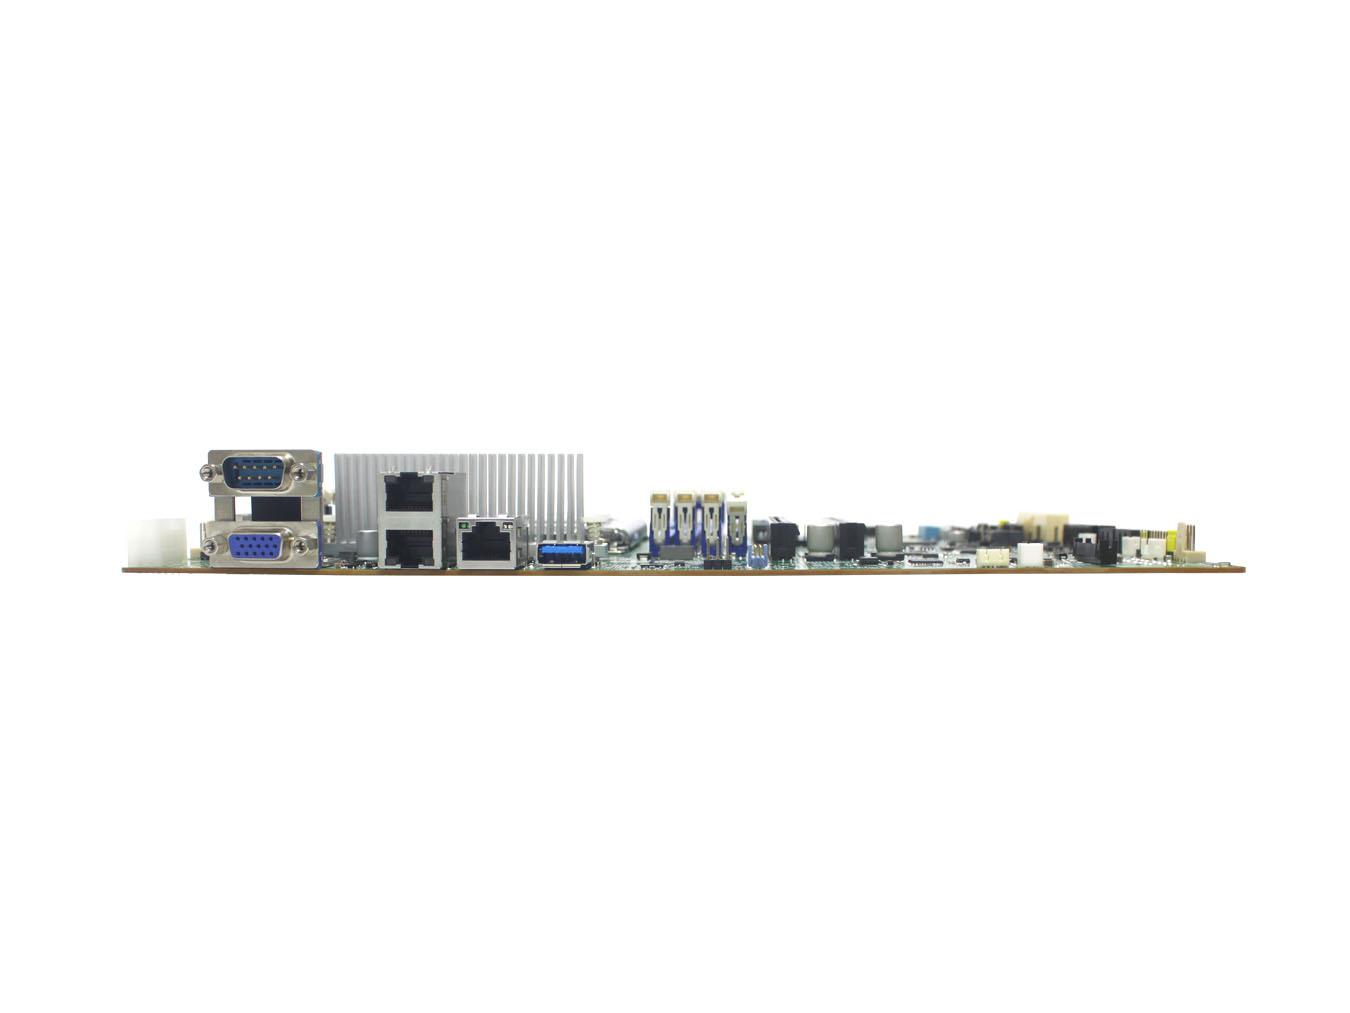 所有產品-AIC - OEM, ODM and COTS Server, Storage and Chassis Solutions